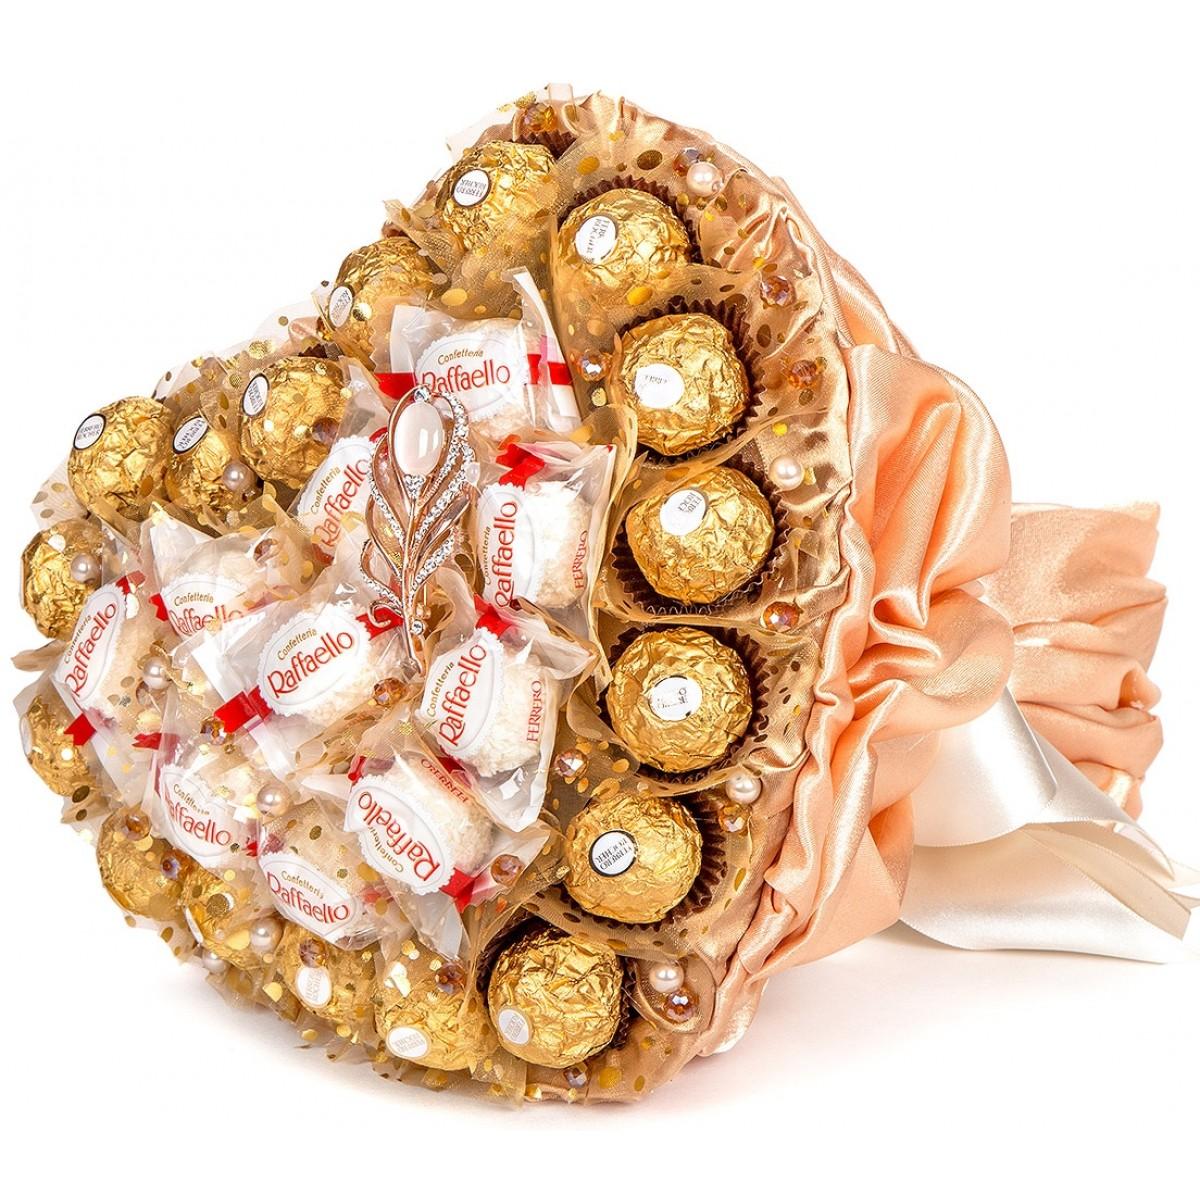 """Букет """" Сърце от """"Ferrero Rocher"""" и """"Raffaello"""" в прасковено"""